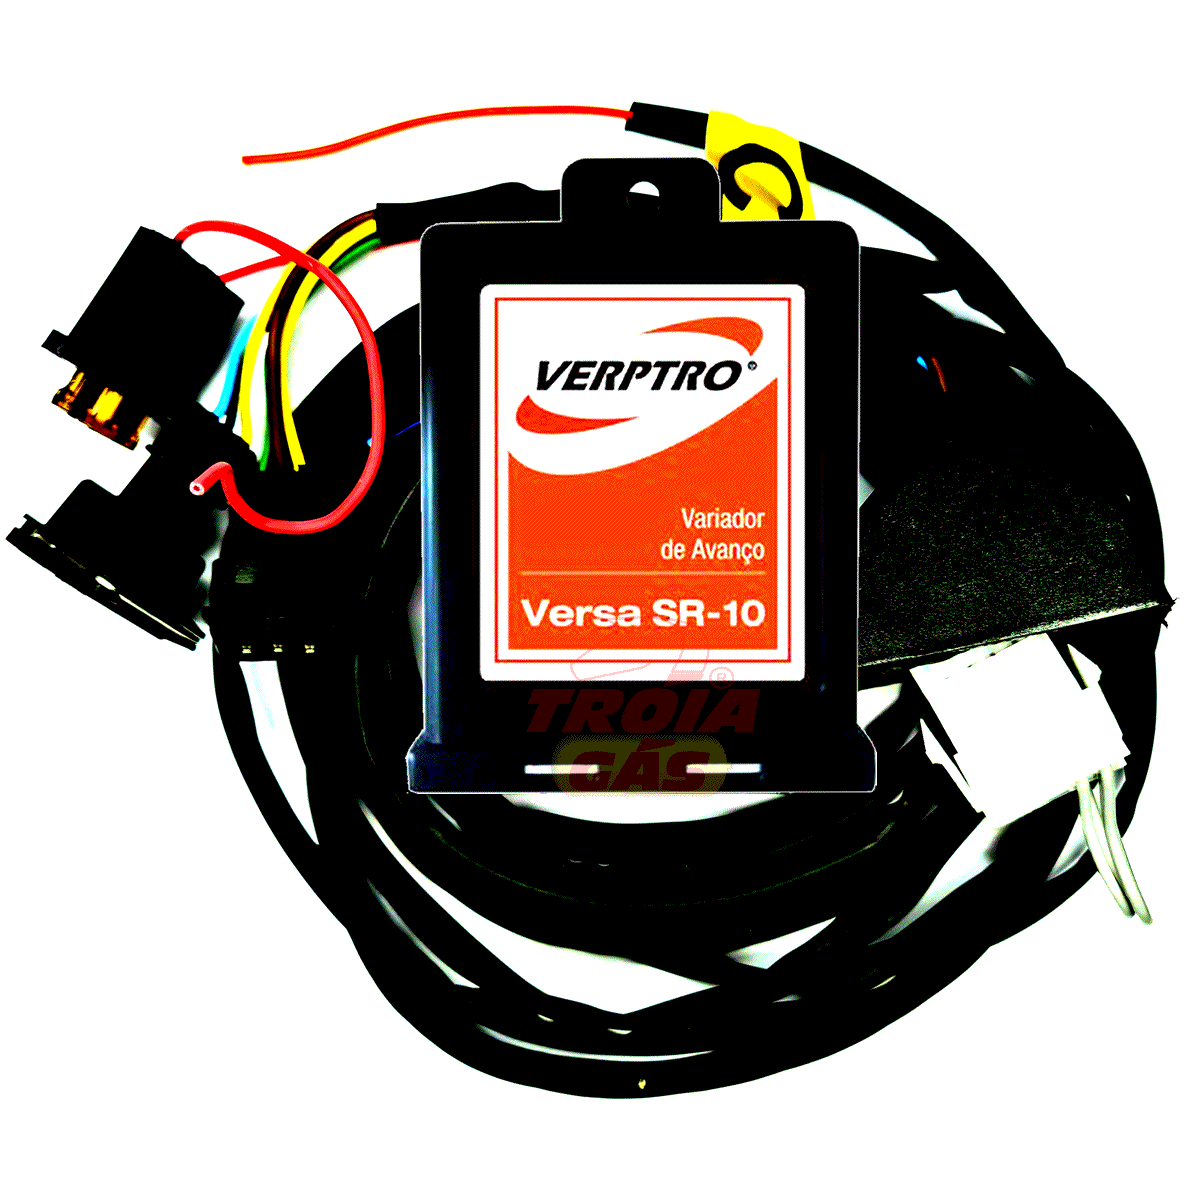 Kit 3ª Geração GNV 6 Cilindros Préssor Variador Verptro Válvulas Minuterias